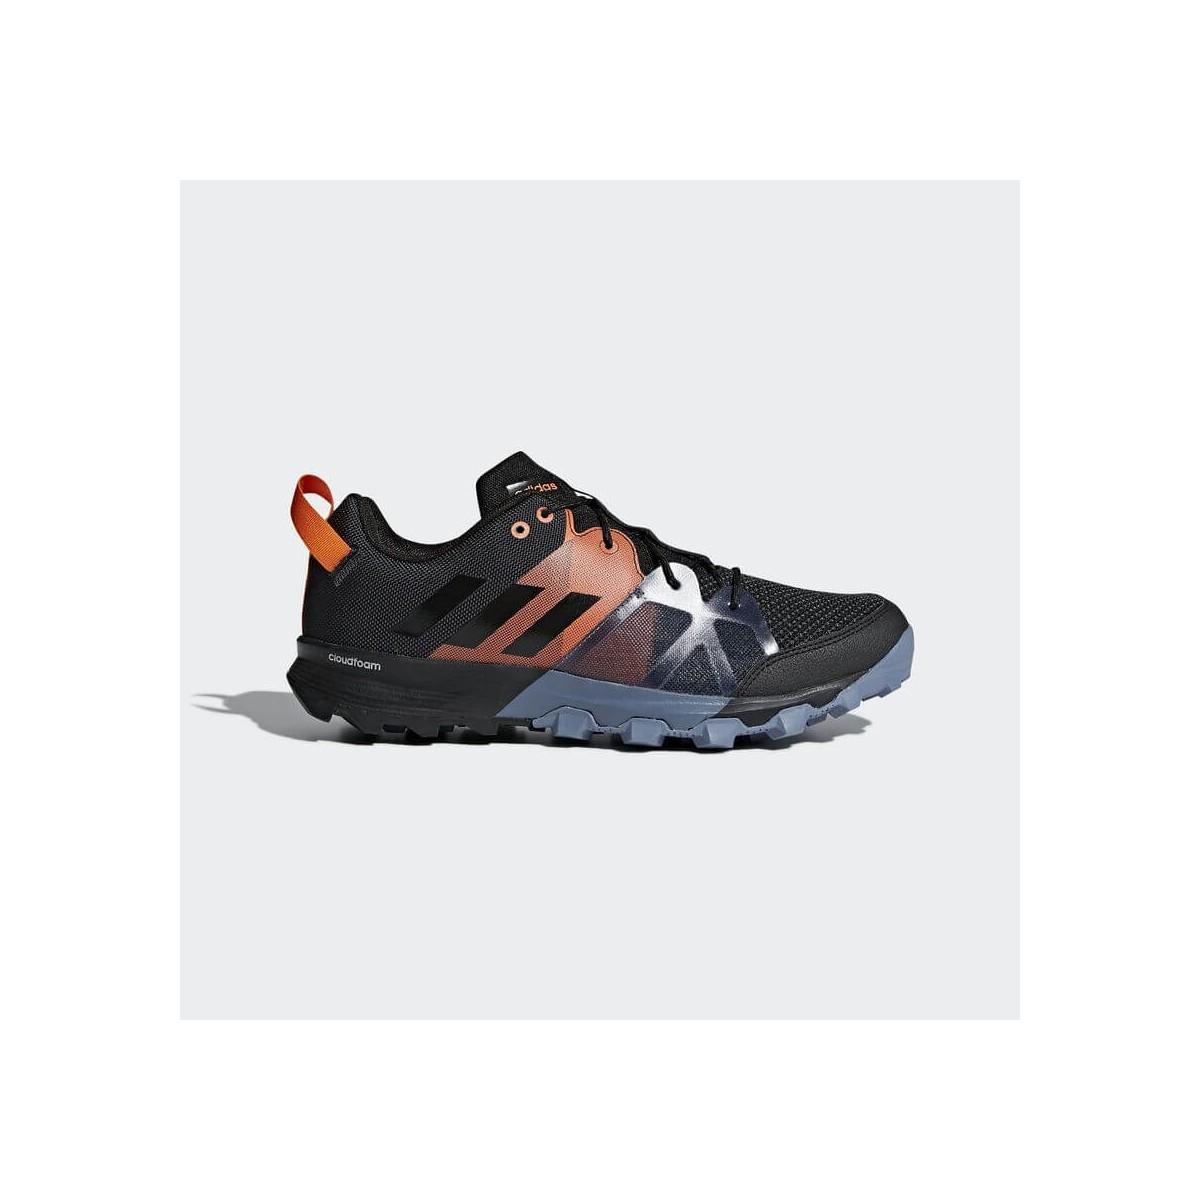 4ab46c0e Zapatillas Adidas Kanadia 8.1 Trail Hombre PV18 Negro/Naranja - 365 ...